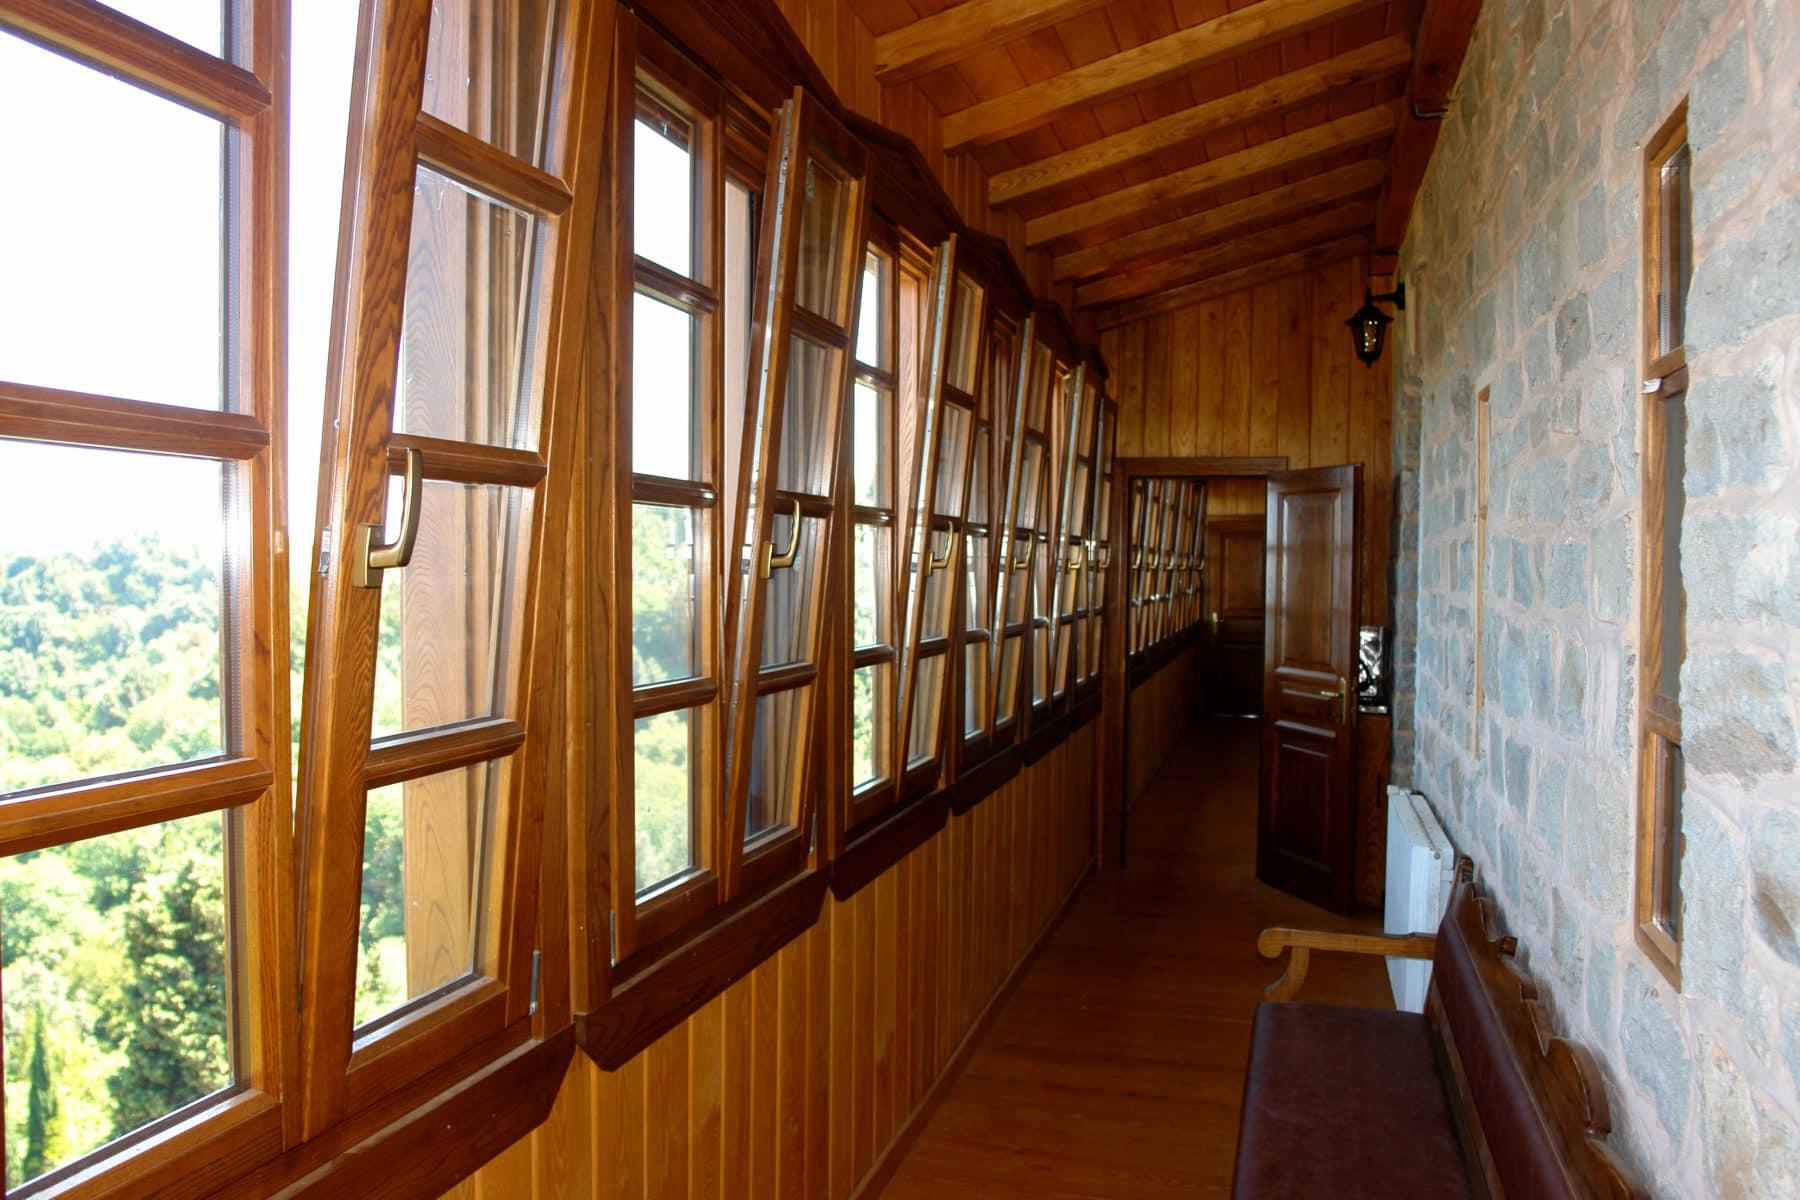 από ανακλινόμενα δίφυλλα ξύλινα παράθυρα με αέτωμα και ειδικό κατωκάσι